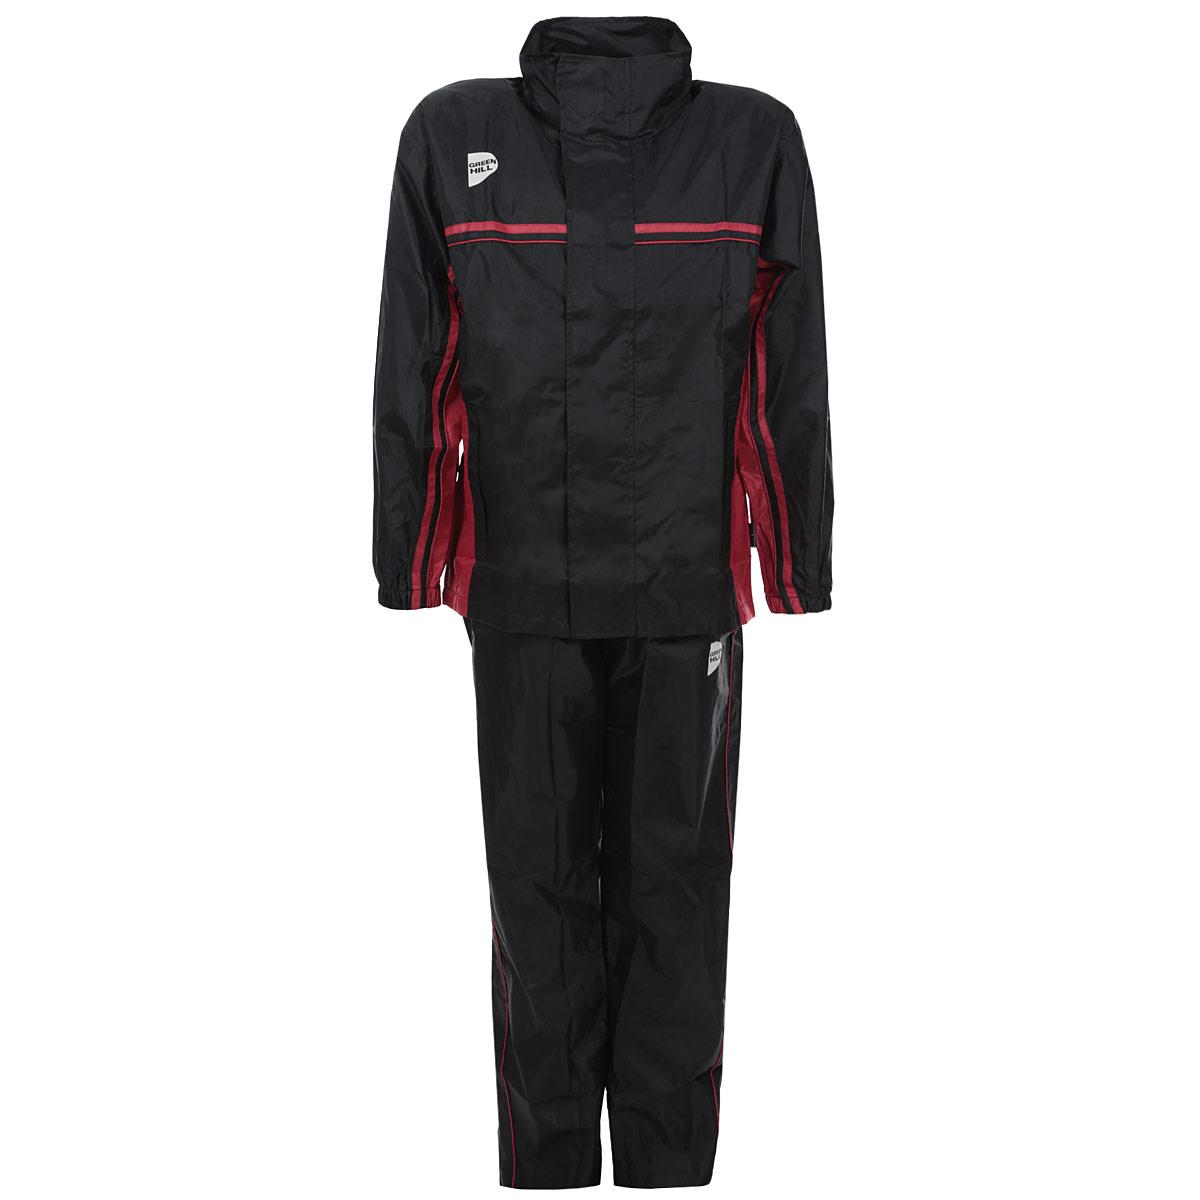 Костюм-сауна Green Hill, цвет: черный, красный. Размер 54SS-3661Костюм-сауна Green Hill предназначен для интенсивного сброса веса во время тренировок. Костюм выполнен из полиэстера черного цвета с красными вставками. Состоит из штанов и куртки с длинным рукавом. Пояс и манжеты куртки и штанов на резинках, что обеспечивает более плотное прилегание к телу. Куртка застегивается на застежку-молнию и липучки, имеет капюшон, убирающийся в воротник, и два кармана на молнии. Брюки имеют шнурок на поясе, а также карманы на молнии. Во время физических тренировок костюм создает эффект сауны, что в свою очередь эффективно воздействует на процесс сжигания жира. Поэтому в таком костюме лишний вес будет пропадать намного быстрее, чем в обычной спортивной одежде.